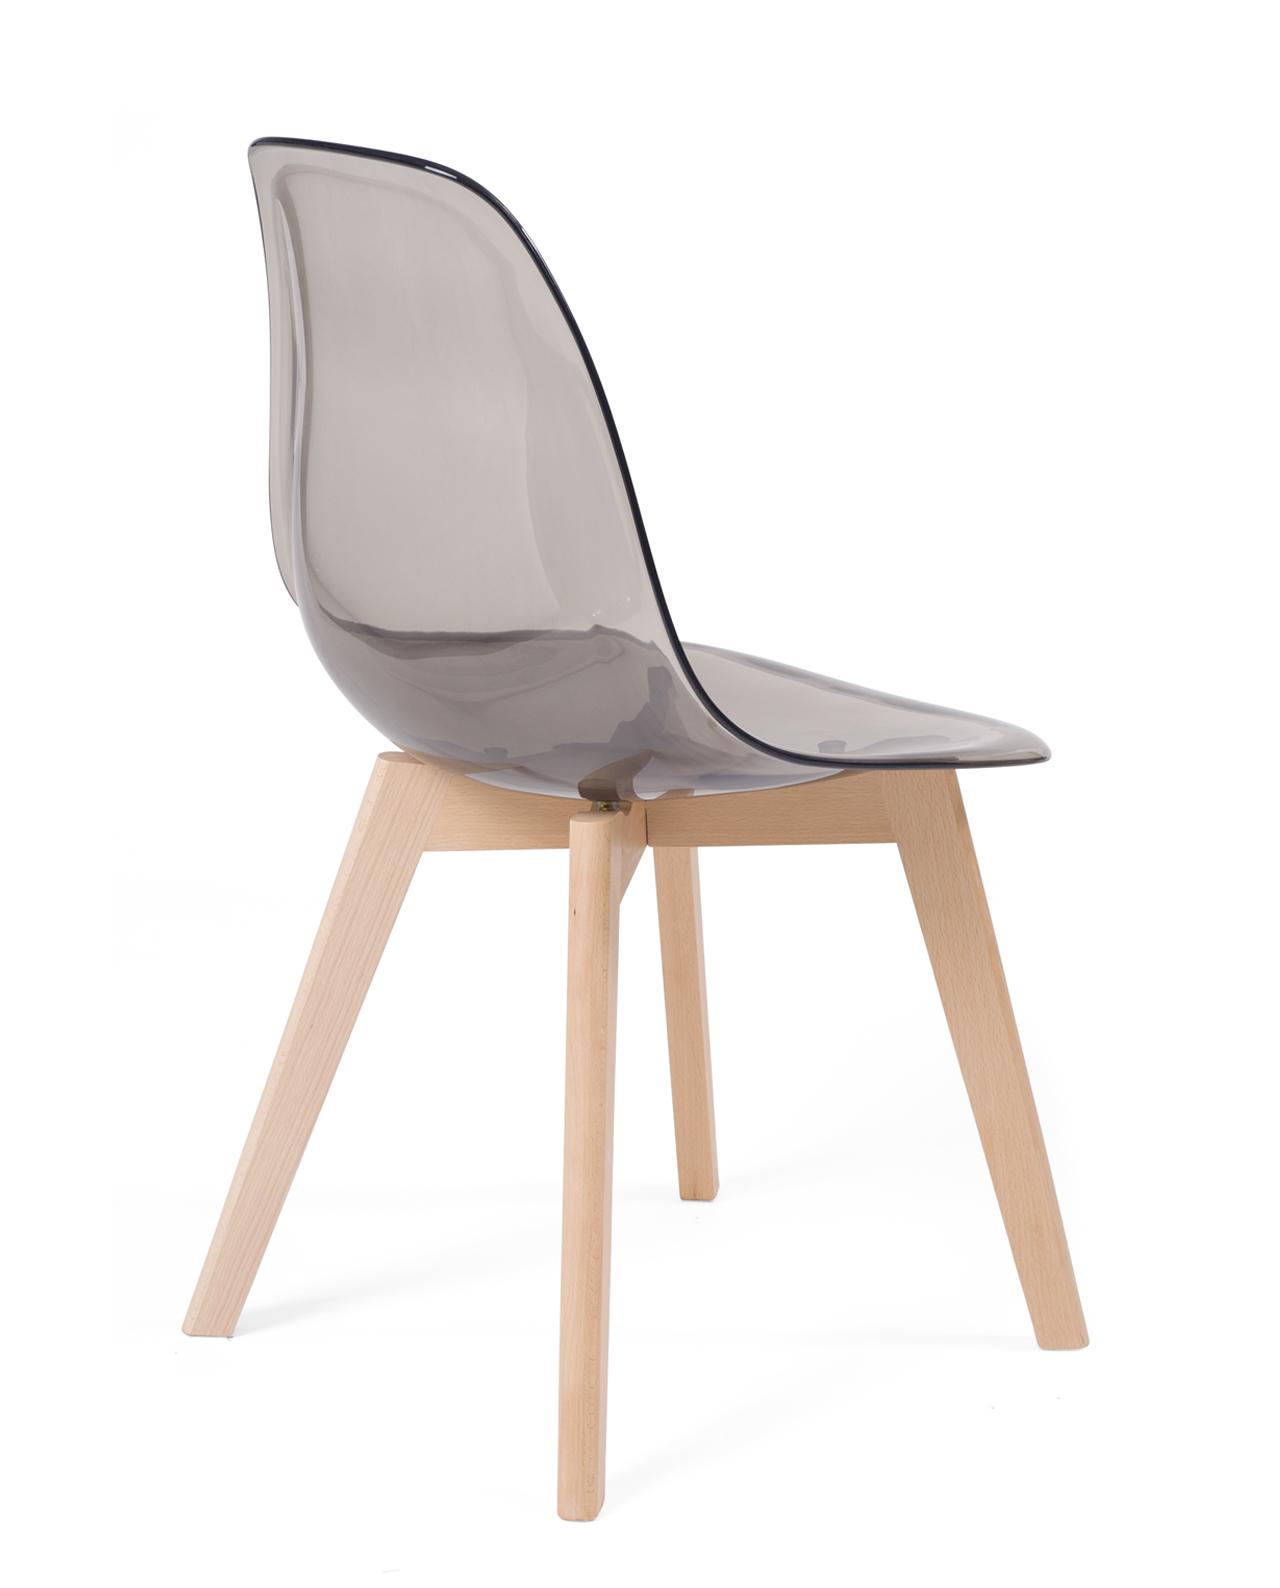 Chaise scandinave transparente lao lot de 2 Chaise scandinave transparente casa